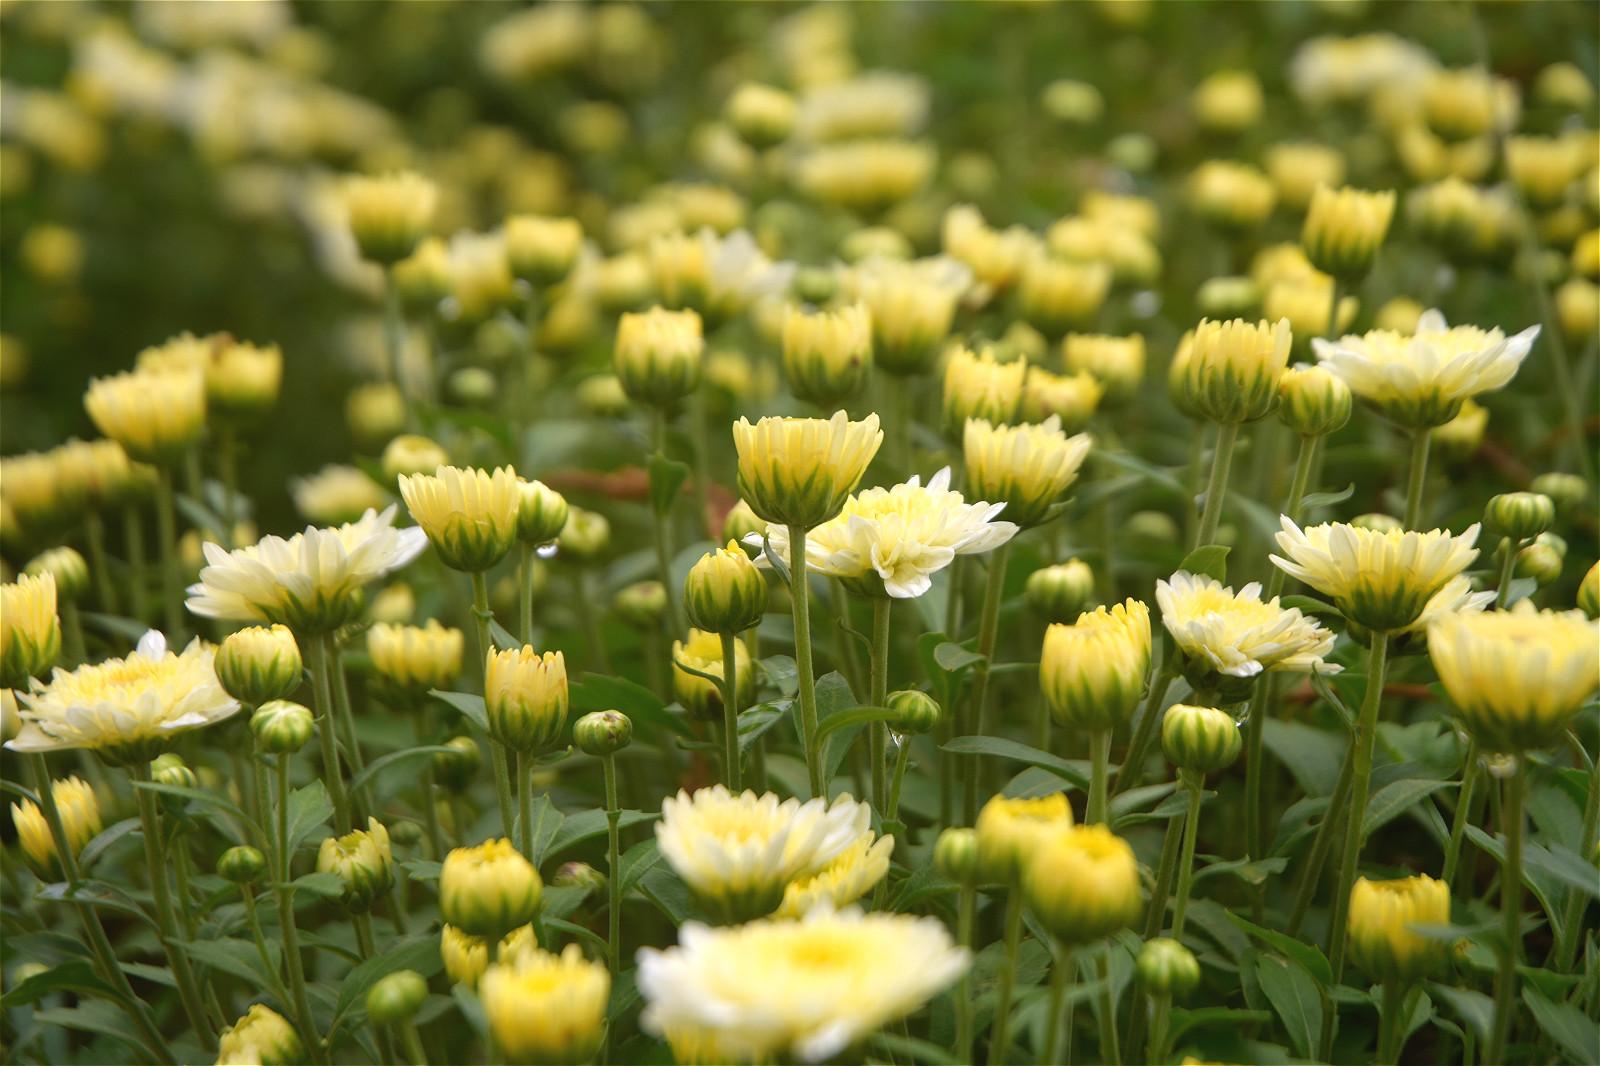 """农民种植特色作物,摘掉鲜花就能卖钱,人力劳动成""""拦路虎"""""""